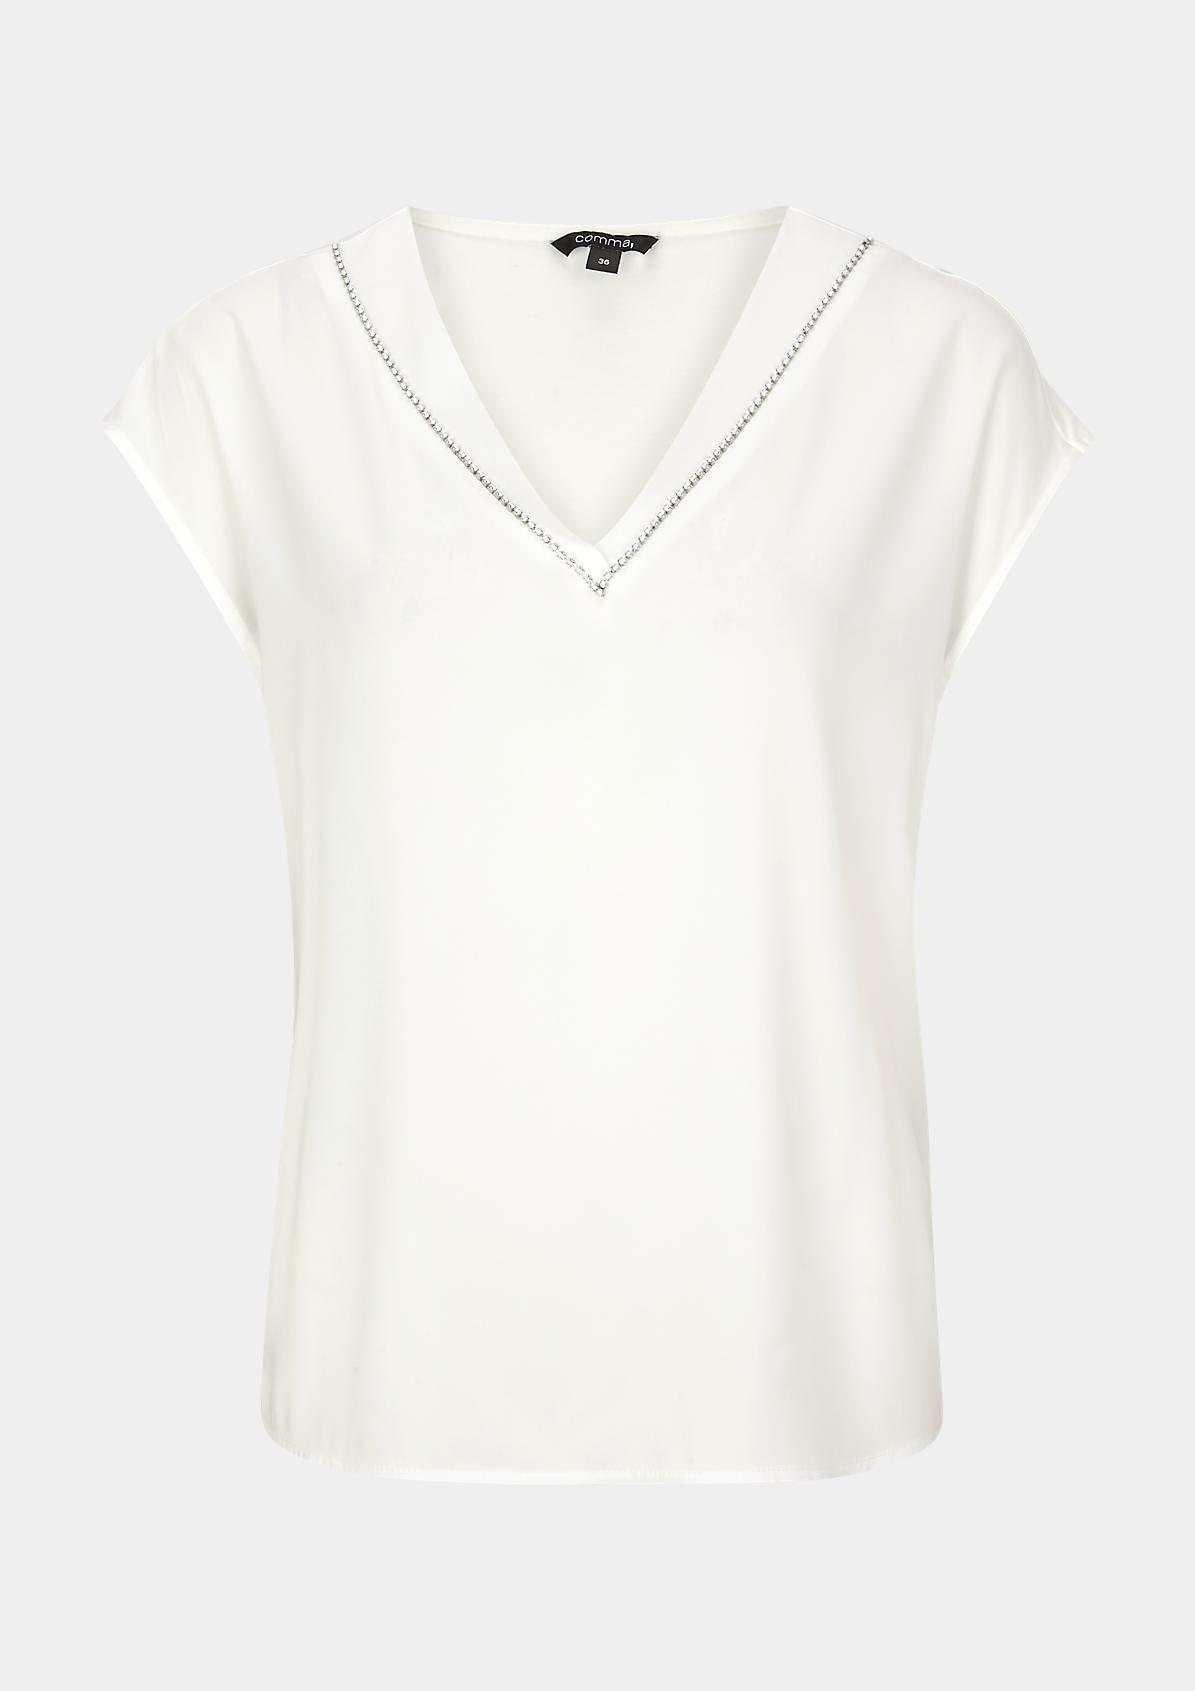 Fabricmix-Shirt mit Applikation